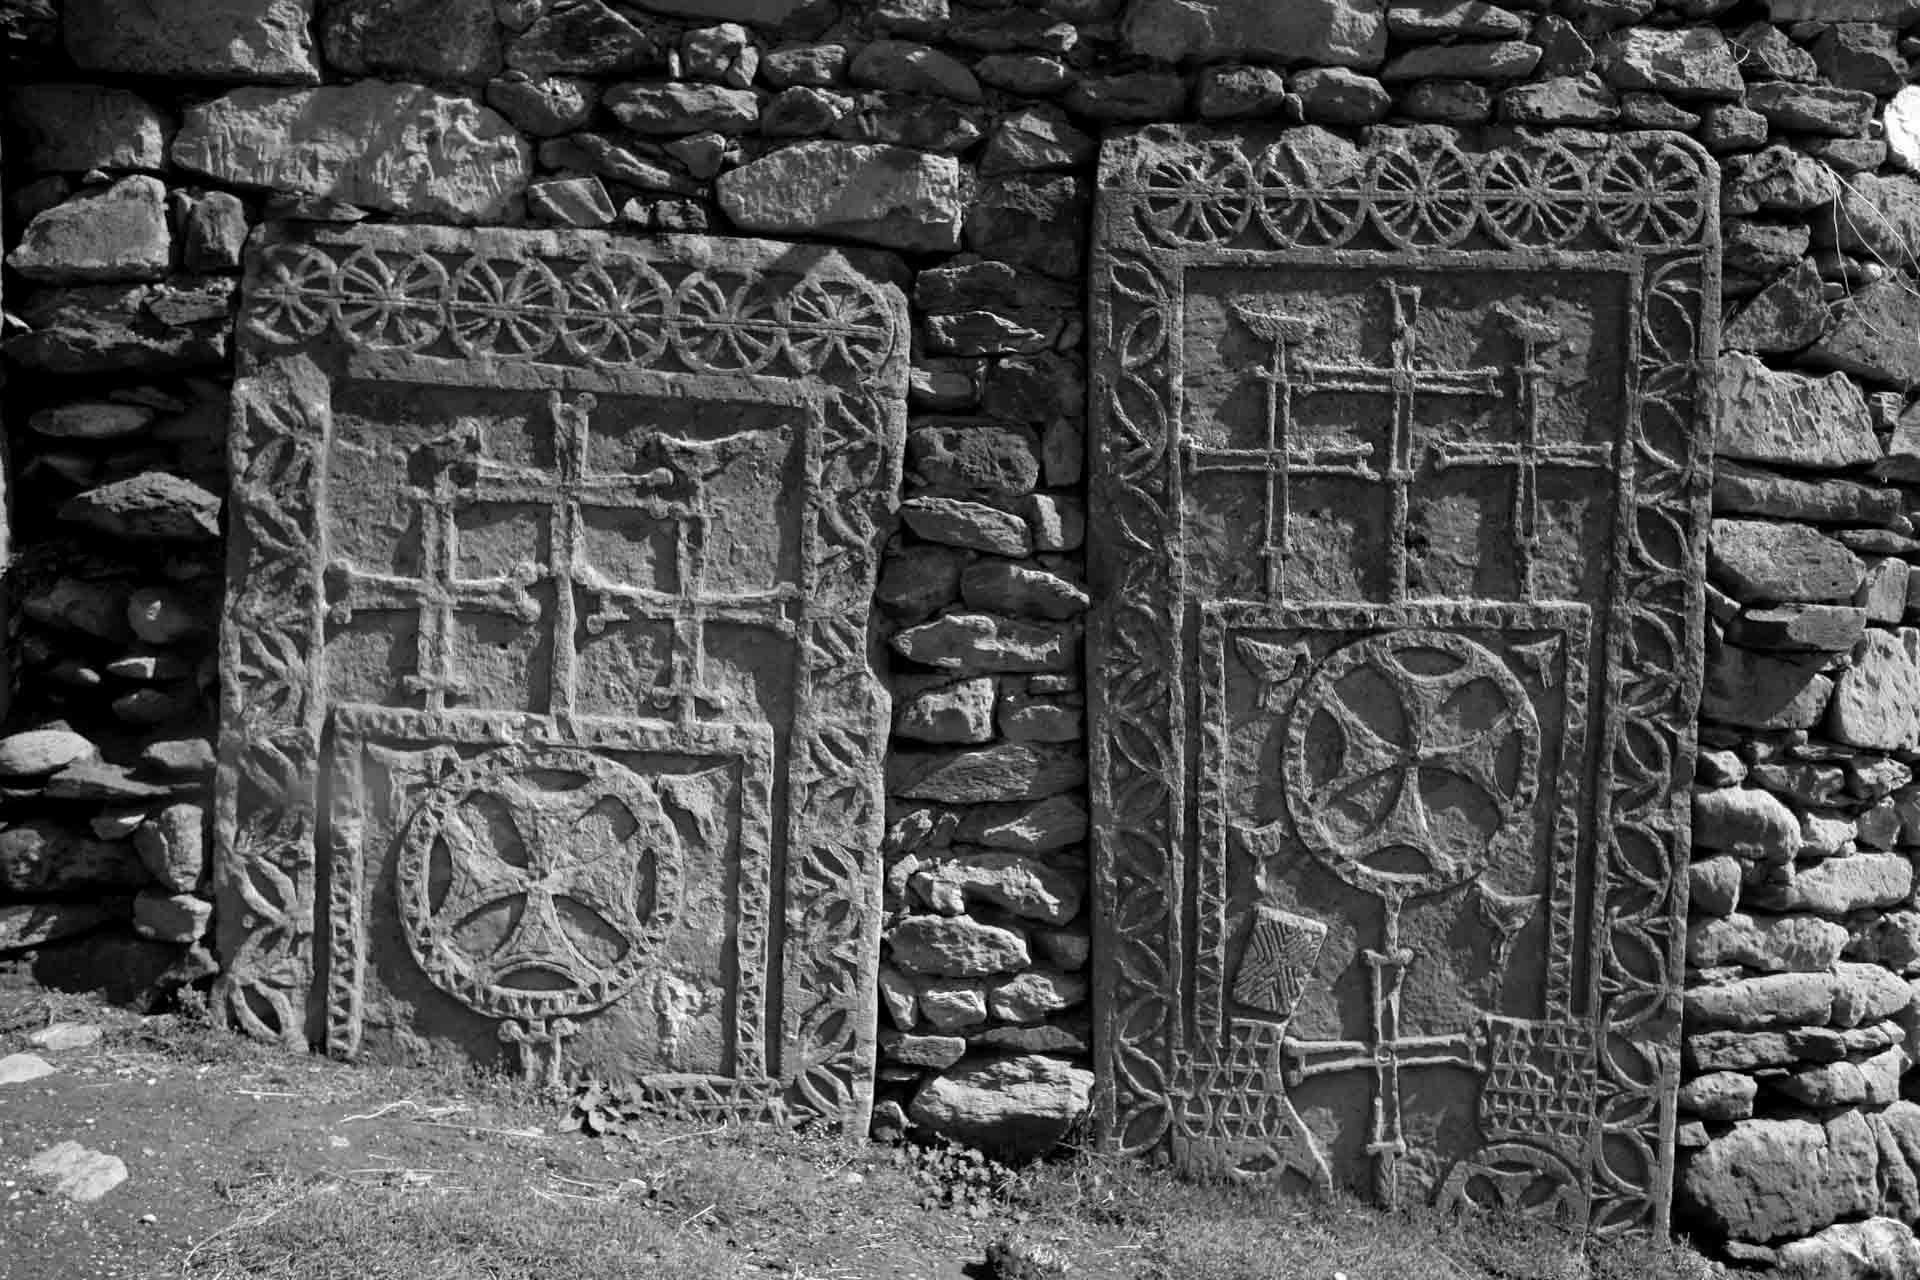 """""""Stilistisch sind diese Khatchkars sehr markant. Leider ist es wegen der fast vollständigen Zerstörung der mittelalterlichen armenischen Friedhöfe im Osten der Türkei in der Zeit nach dem Völkermord schwierig, sie in einen lokalen, regionalen oder nationalen Kontext zu stellen. Sie unterscheiden sich nicht nur deutlich von den Khatchkars in anderen Teilen Armeniens, sie unterscheiden sich auch im Design sehr von den noch existierenden Khatchkars aus der östlichen Hälfte des Van-Sees, wie z.B. auf der Insel Akdamar oder im Kloster Saint Argelan bei Muradiye. Die weit verbreitete Darstellung von Vögeln und Fischen auf diesen Khatchkars ist ungewöhnlich, und auch die Verwendung von maltesischen Kreuzen, scheint auf Motive zurückzugehen, die in armenischen christlichen Denkmälern aus viel früheren Zeiten gefunden wurden."""""""